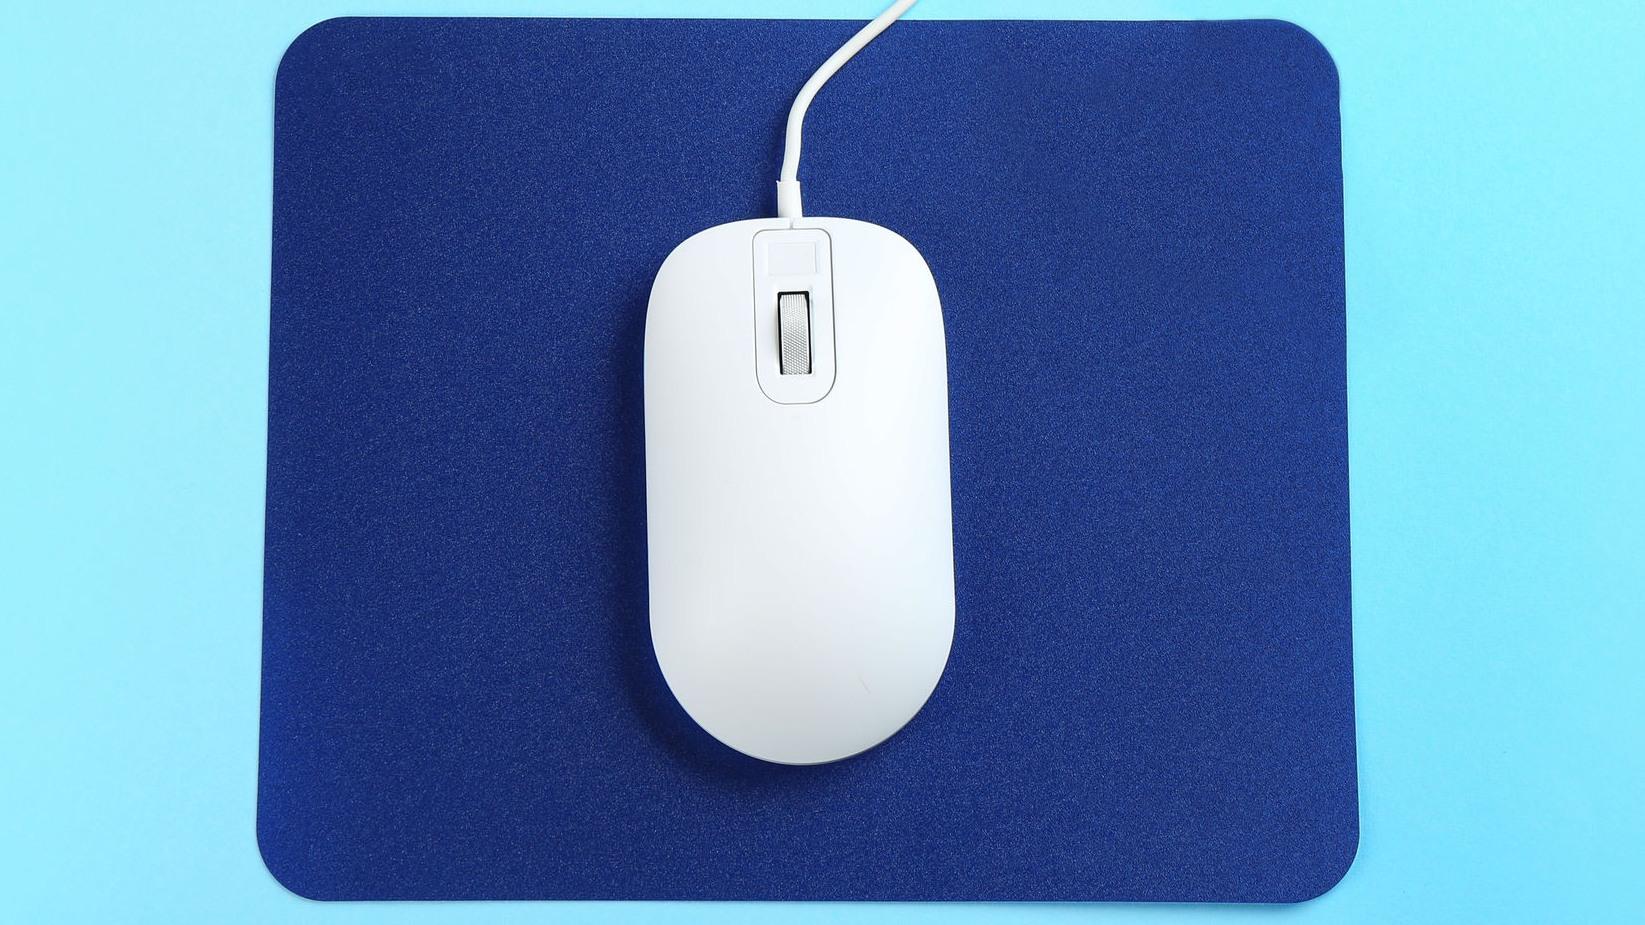 alfombrilla azul y mouse blanco